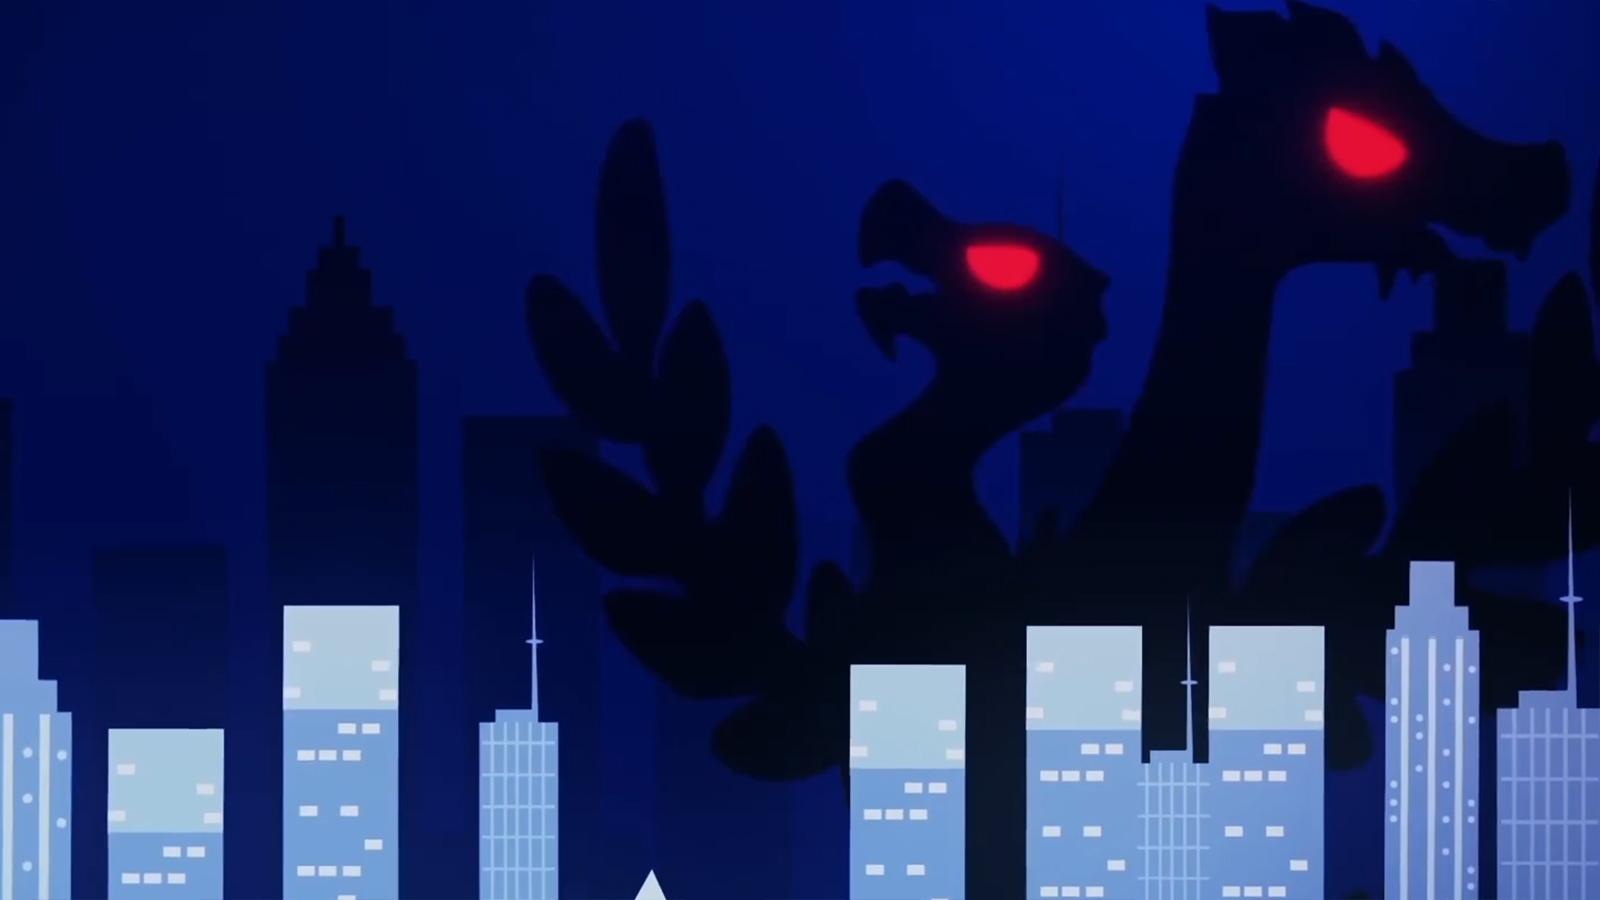 Gamera Game,從免費游戲發行到東京電玩展